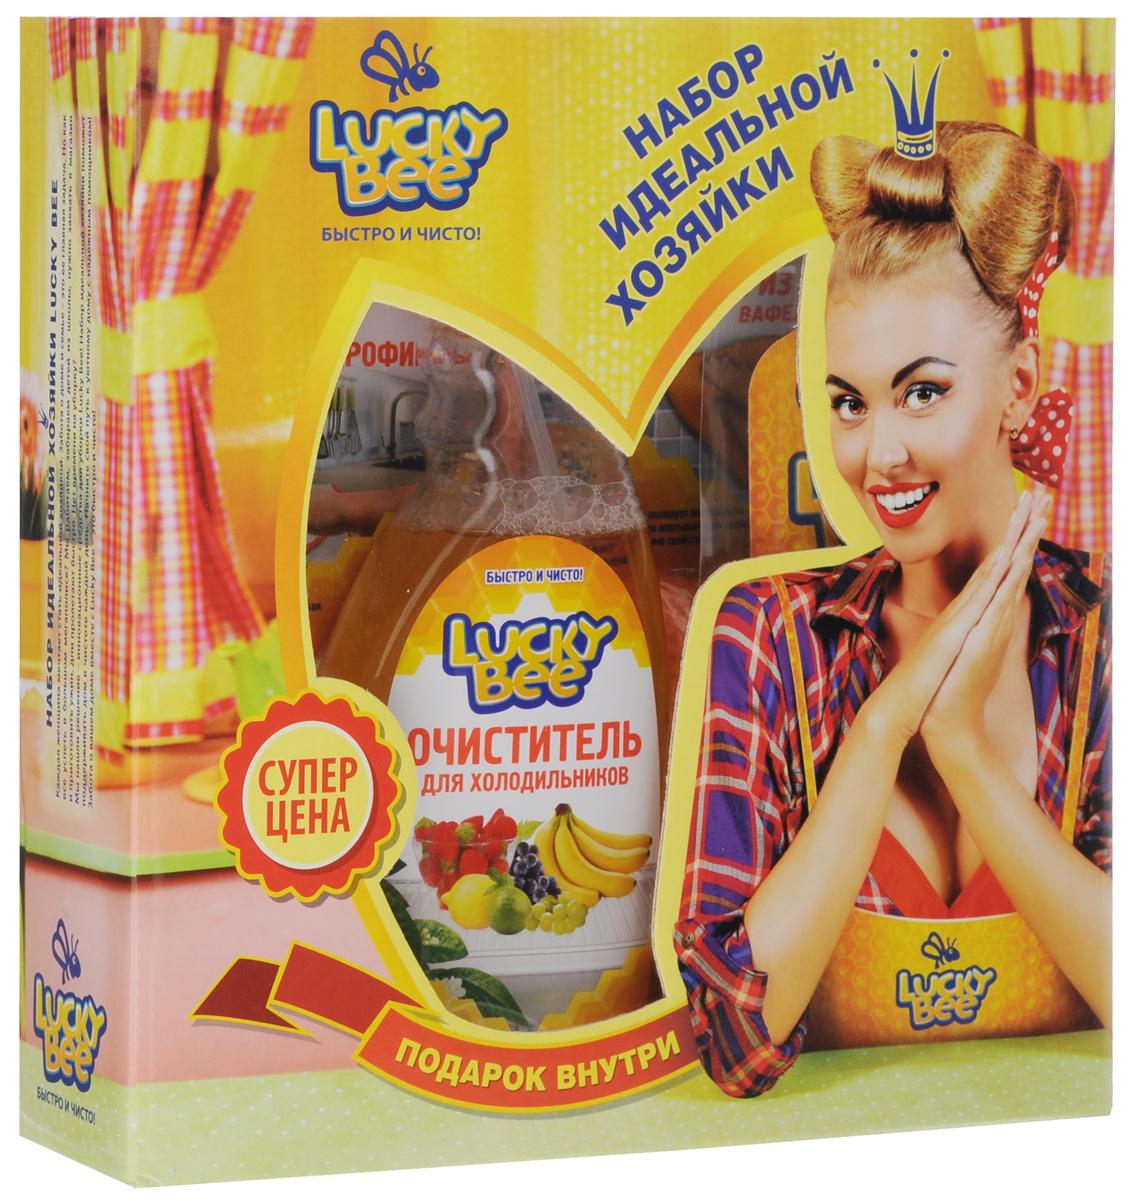 Набор для холодильника Lucky Bee, 3 предмета + ПОДАРОК: Блокнот-магнит на холодильникLB 7502+LB7209+LB7205Набор для холодильника Lucky Bee состоит из очистителя для холодильников, салфетки из микрофибры, блокнота-магнита для записей и вафельной салфетки из микрофибры. Очиститель для холодильников эффективно удаляет загрязнения с внутренних поверхности холодильников и морозильных камер. Уничтожает бактерии, вызывающие неприятные запахи и плесень.Придает обработанным поверхностям блеск и свежий аромат. Не требует смывания водой. Выпускается в форме спрея. Объем: 473 мл. Состав: деминерализованная вода, менее 5%: смесь неионогенных и анионных ПАВ, усилитель блеска, этилцеллозольв, нейтрализатор запахов, консервант, отдушка, краситель. Уникальная салфетка изготовлена из синтетических микроволокон. Изделие устойчиво к истиранию и отличается своей сверхмягкостью. Микрофибра многократно превосходит большинство тканей по влагопоглощающим свойствам благодаря особенности захватывать и удерживать жидкость. Салфетка деликатно...